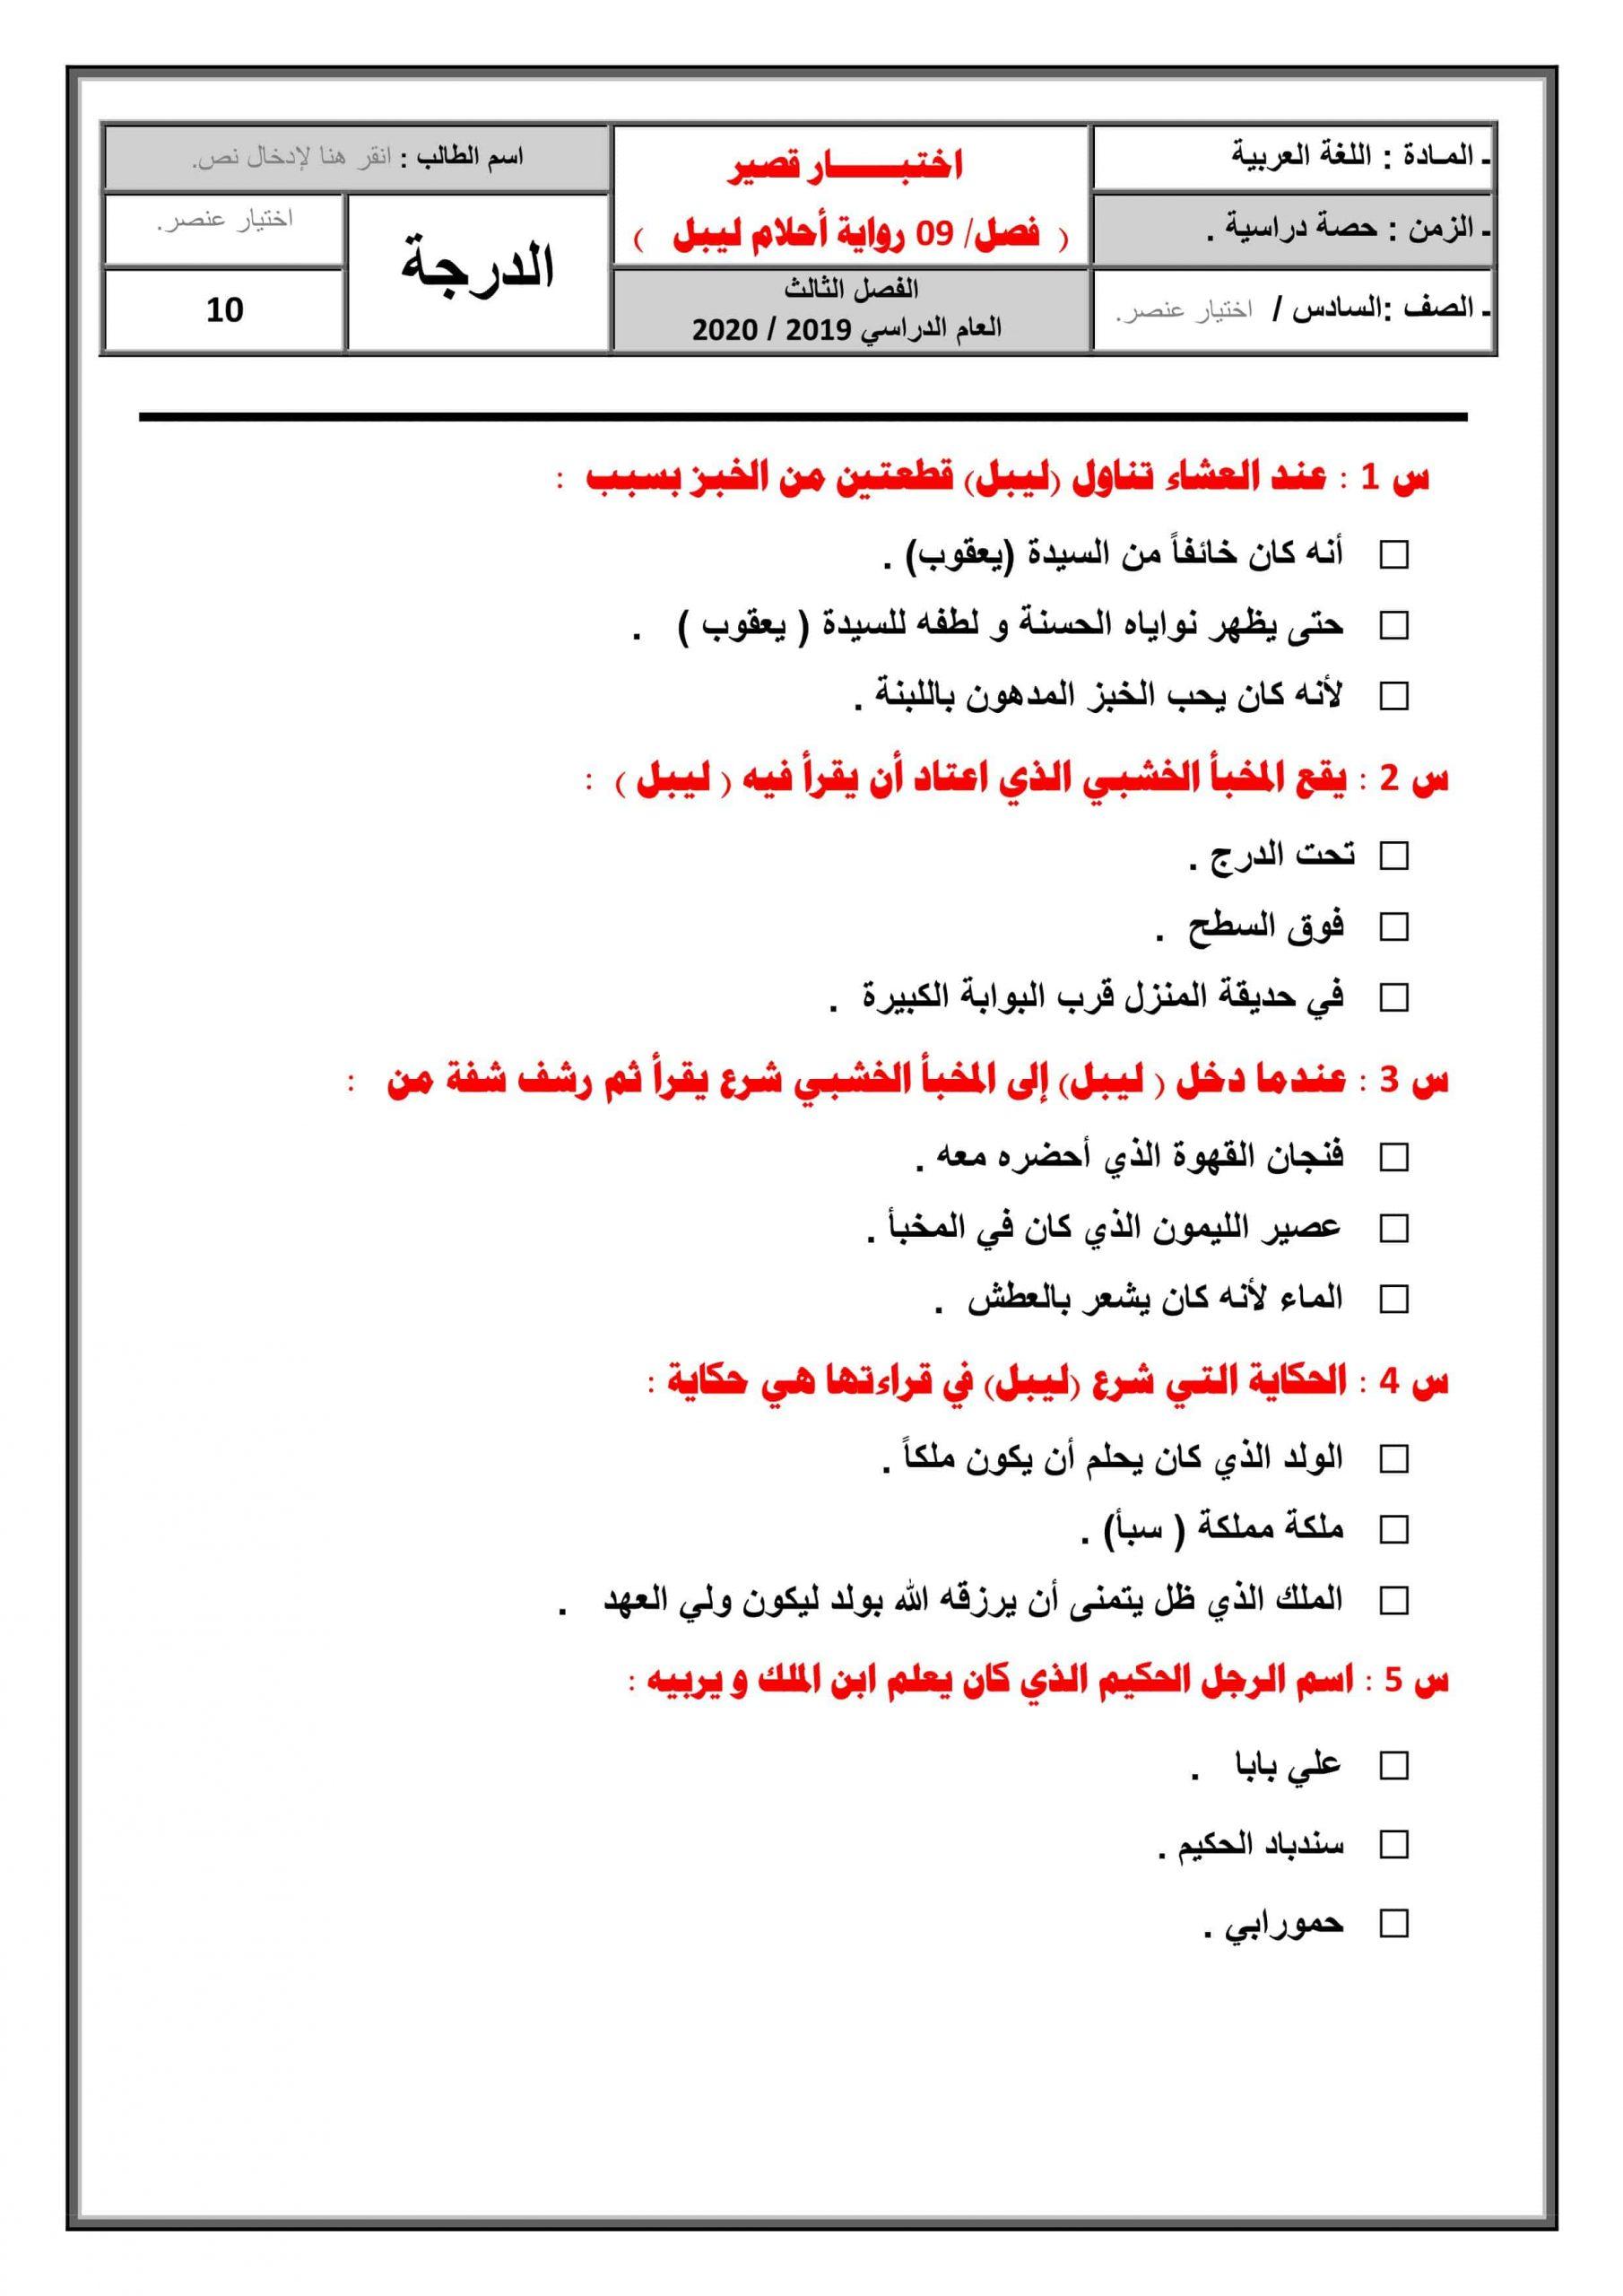 اختبار قصير لرواية أحلام ليبل السعيدة الفصل التاسع الصف السادس مادة اللغة العربية